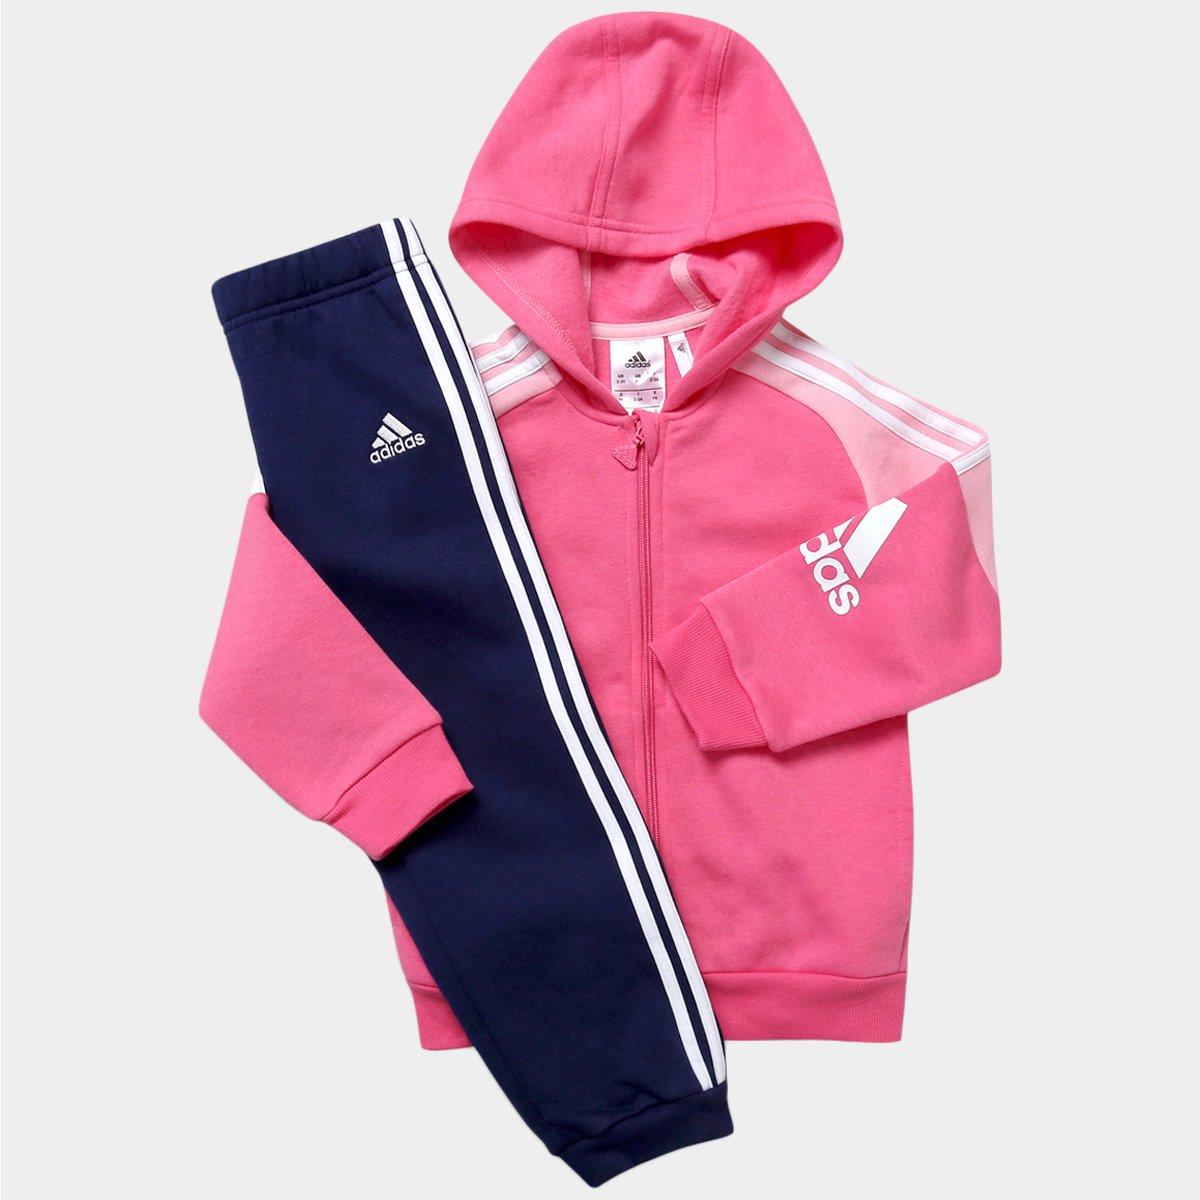 4cba1be3a8d Agasalho Adidas Corp c  Capuz Infantil - Compre Agora